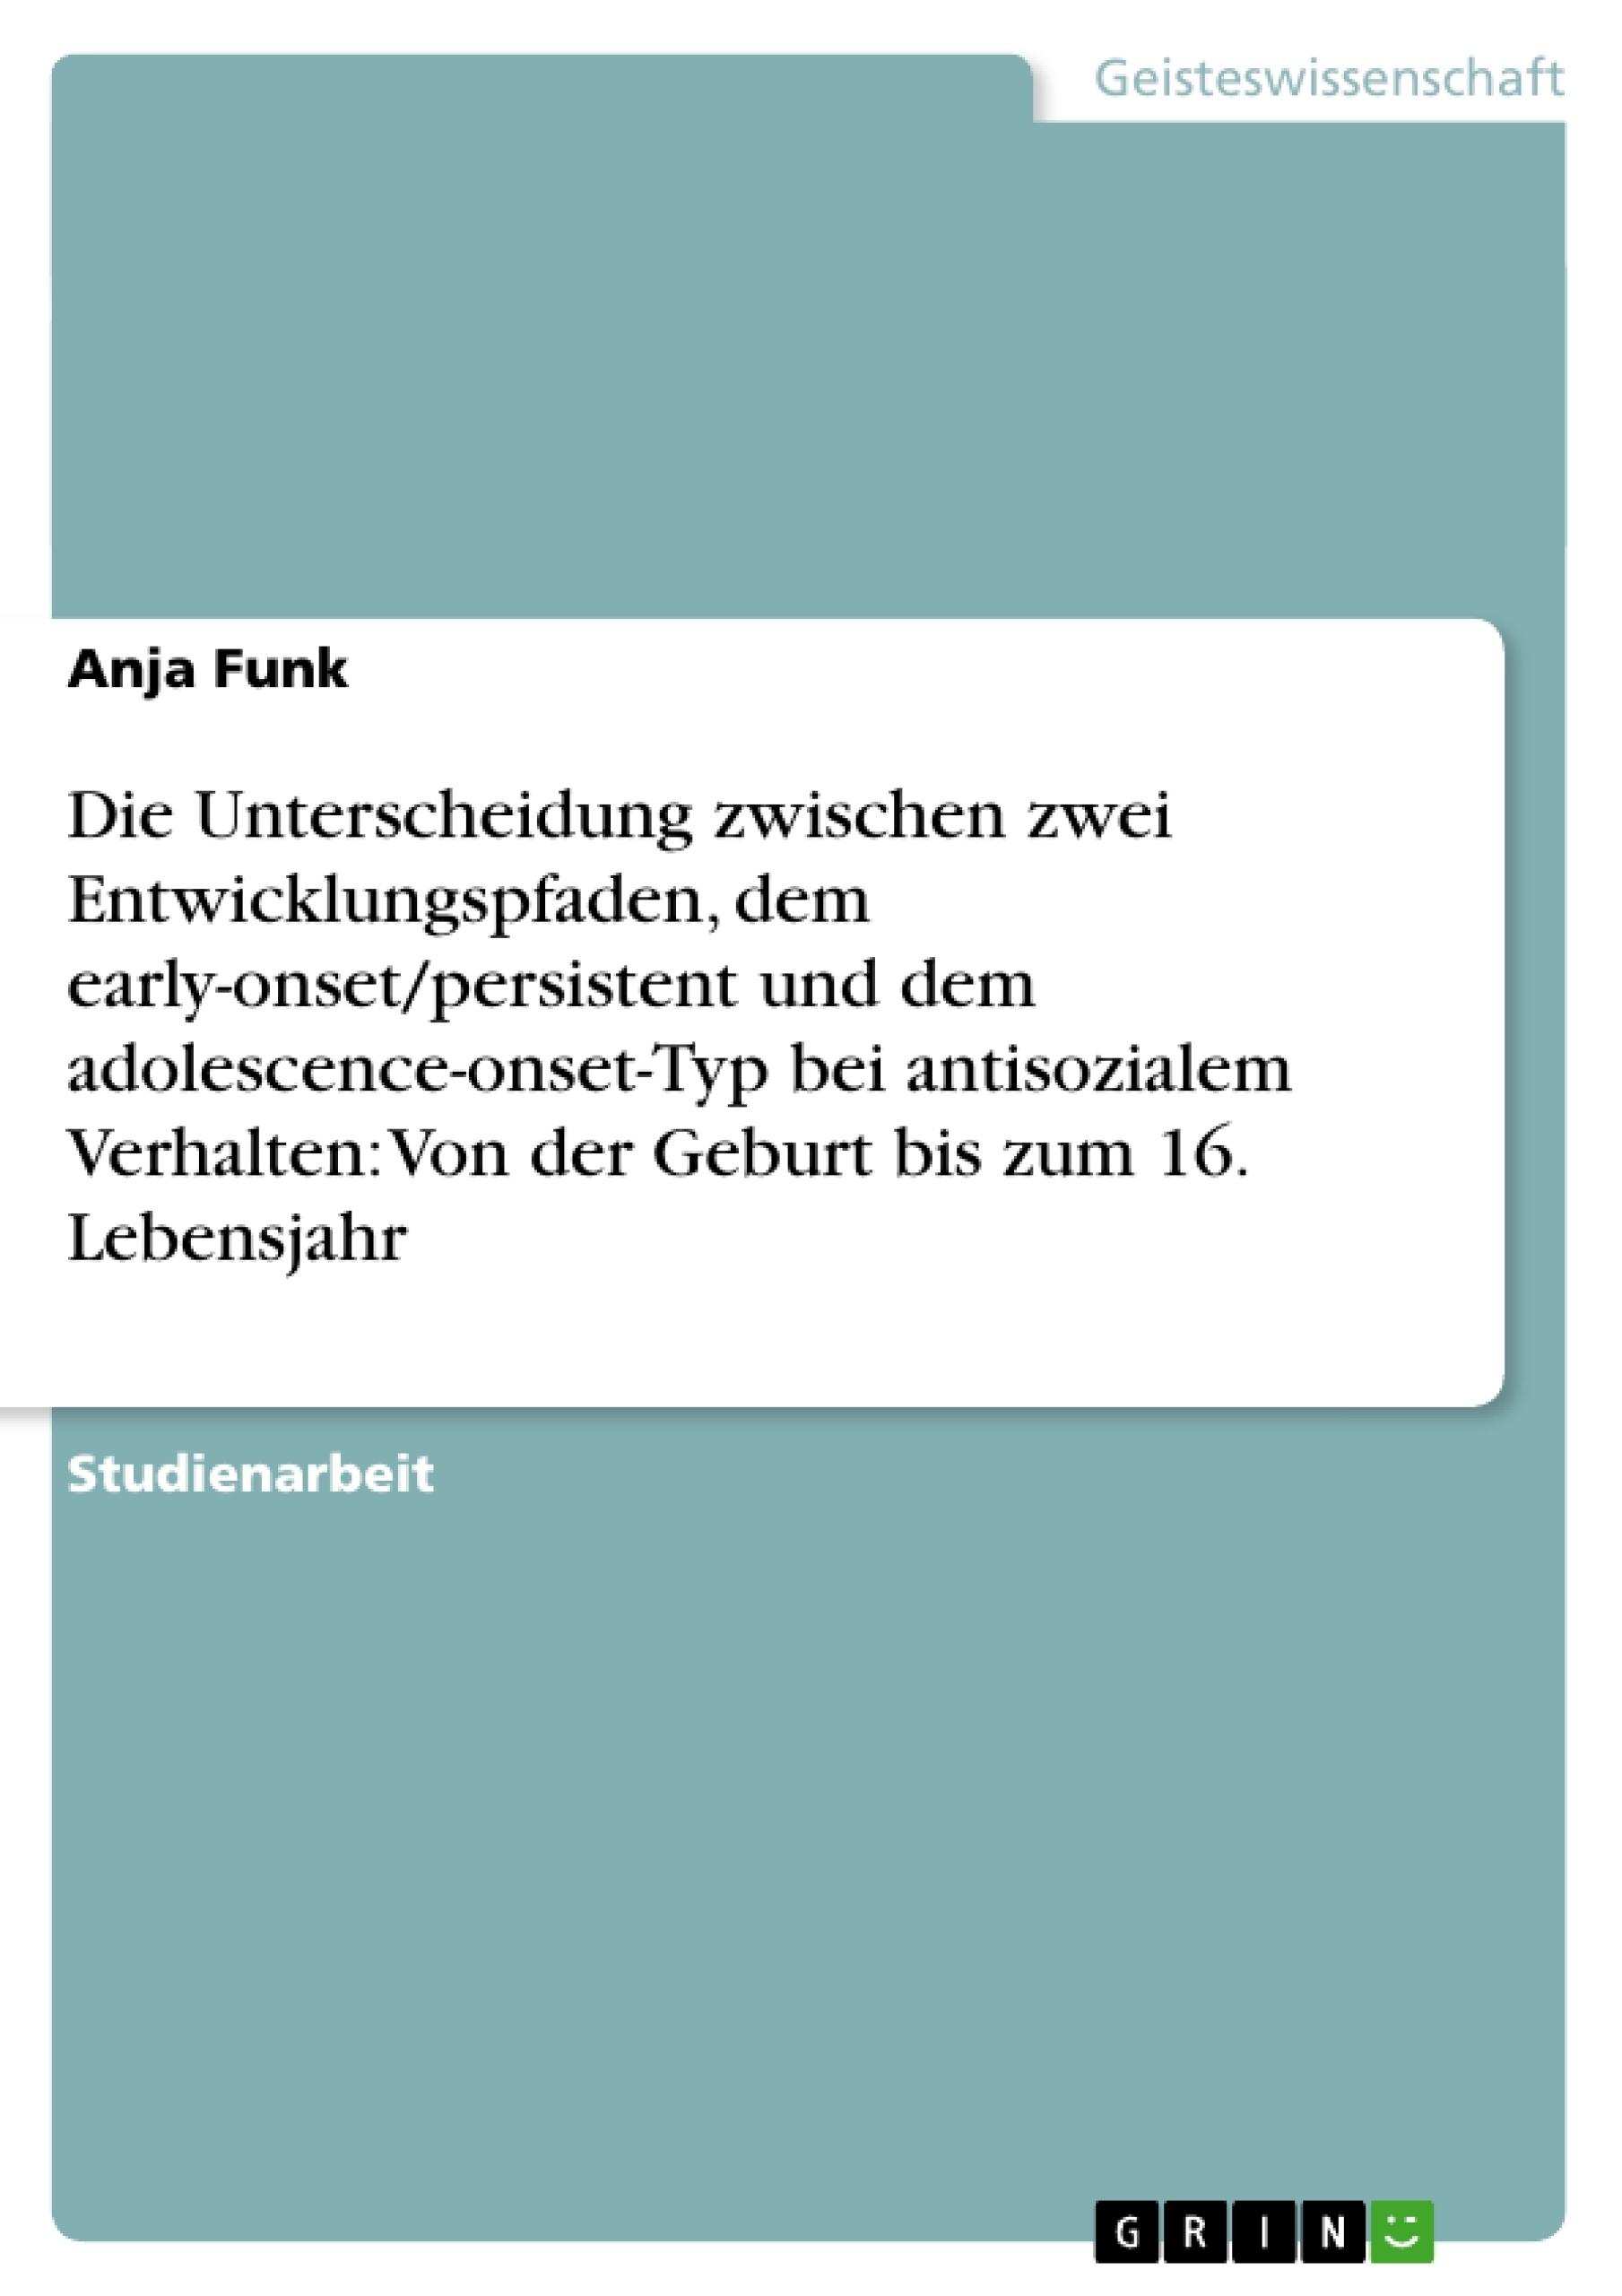 Titel: Die Unterscheidung zwischen zwei Entwicklungspfaden, dem early-onset/persistent und dem adolescence-onset-Typ bei antisozialem Verhalten:  Von der Geburt bis zum 16. Lebensjahr